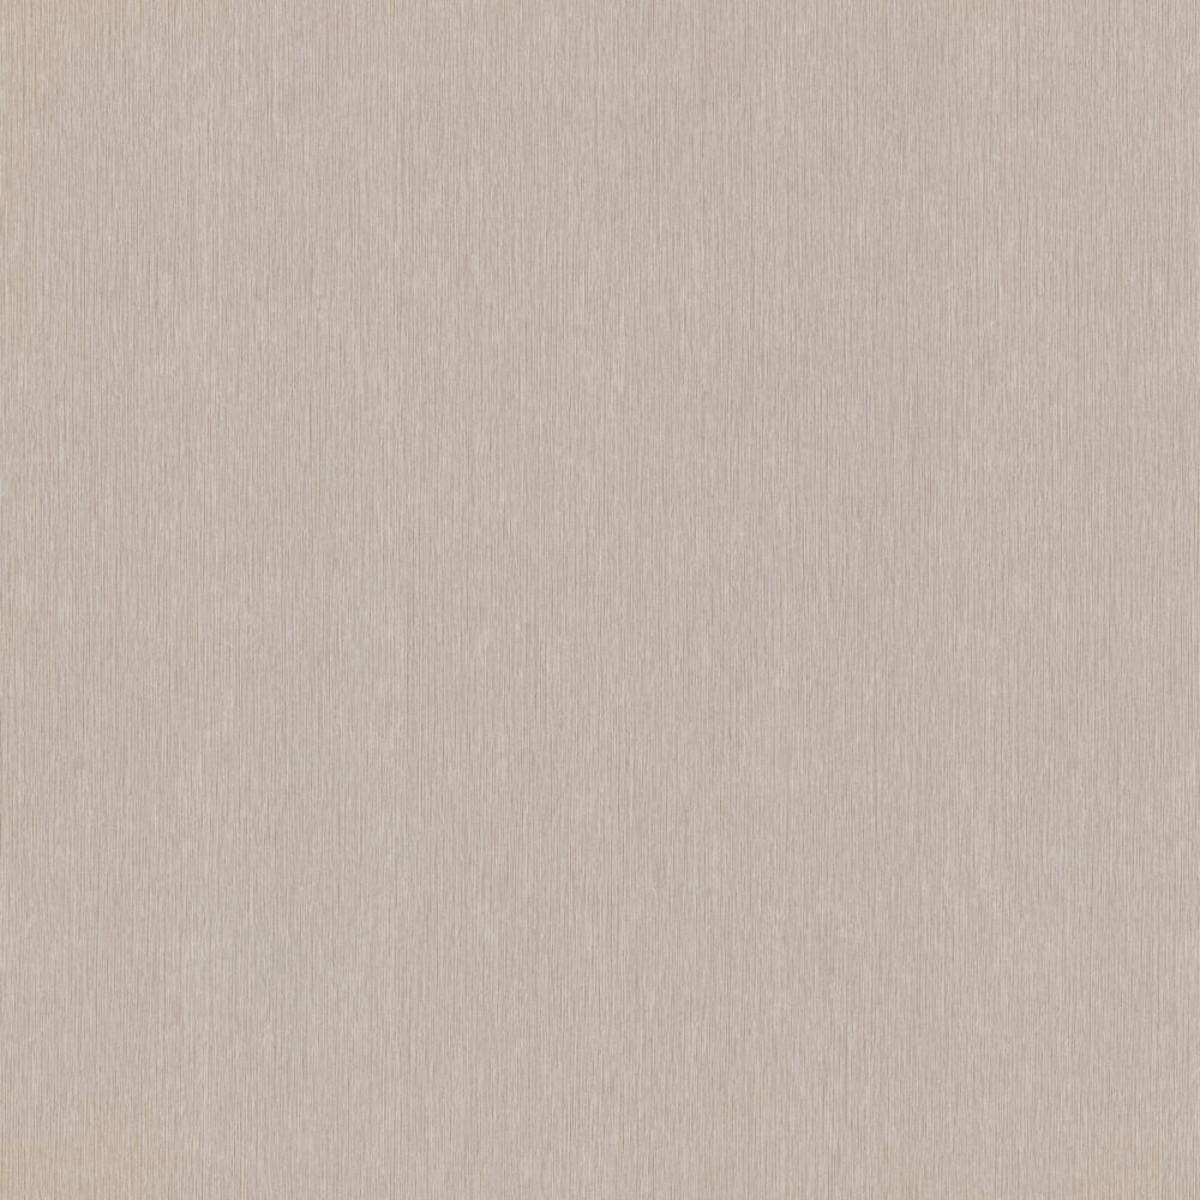 Обои флизелиновые Палитра Ginkgo бежевые PL71430-24 1.06 м